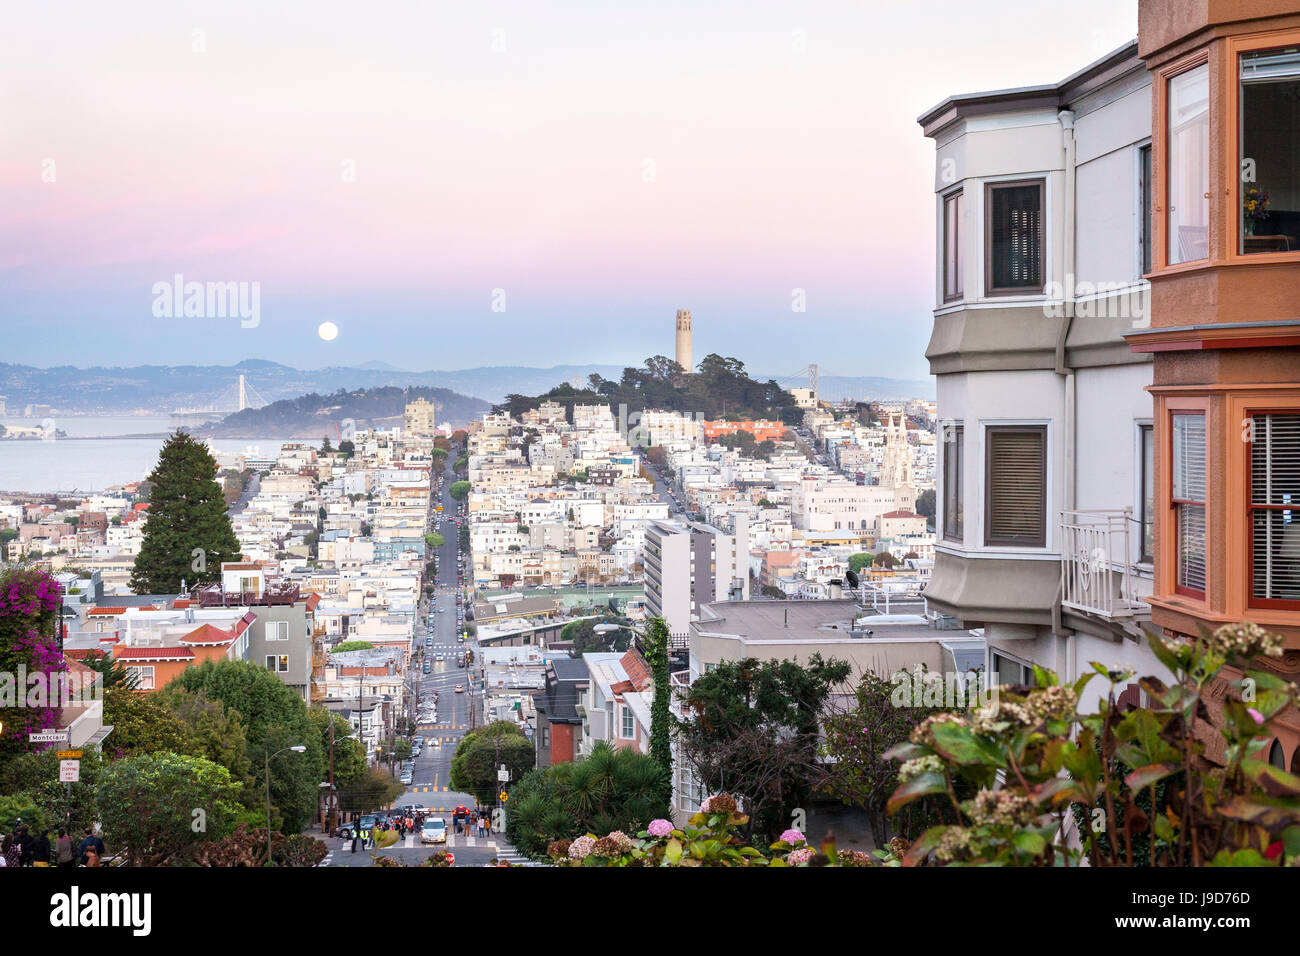 Super luna y vistas a la zona de la Bahía, incluyendo San Francisco-Oakland Bay Bridge, San Francisco, California, Imagen De Stock